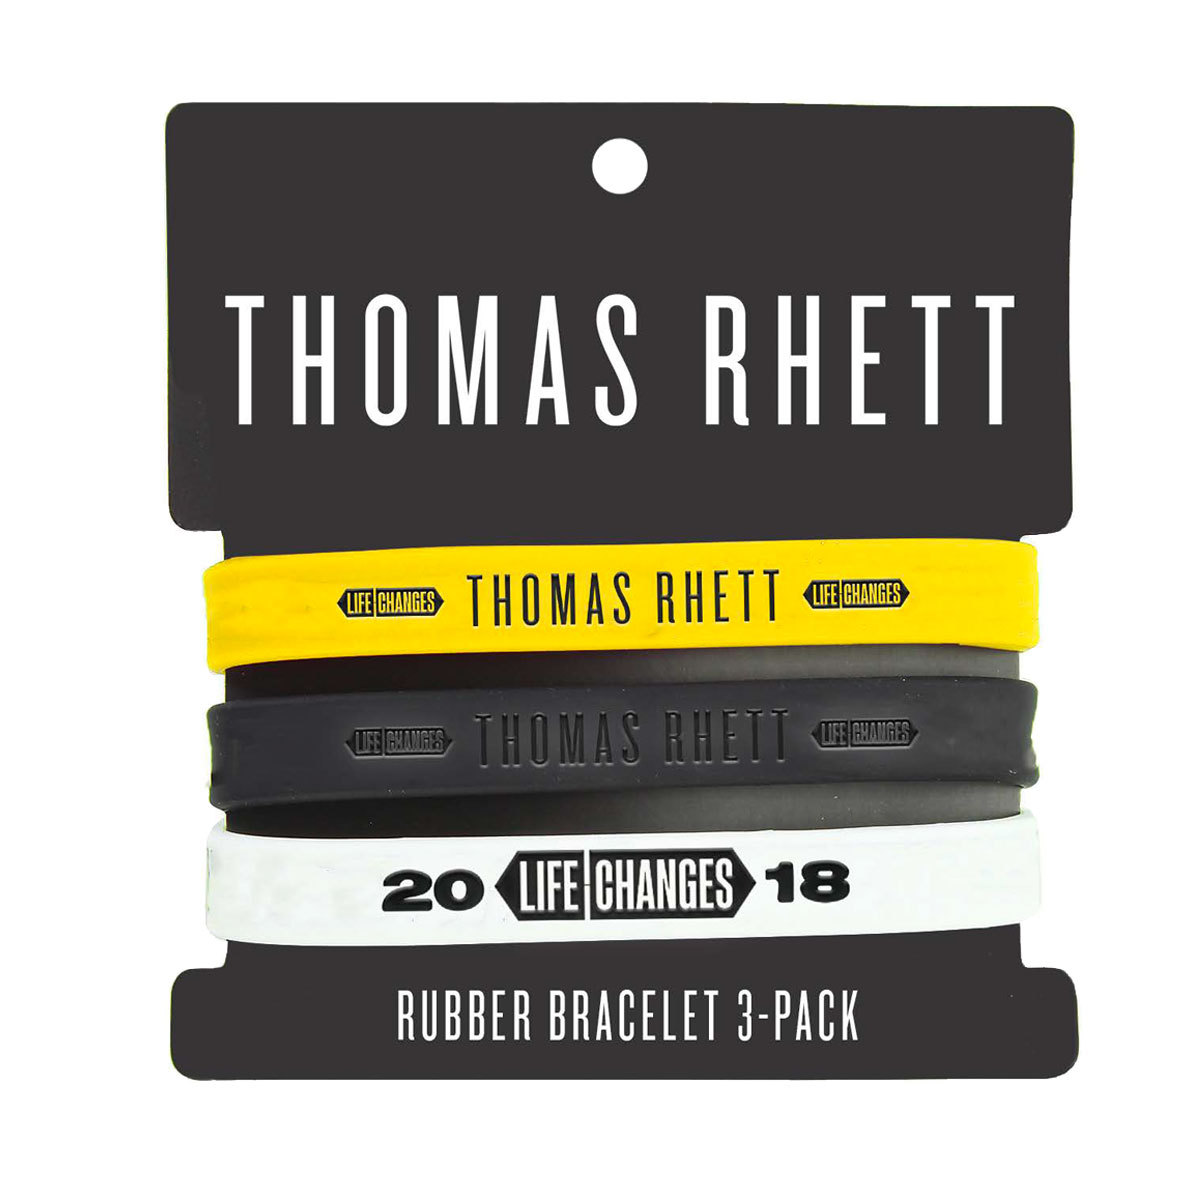 2018 Life Changes Tour Rubber Bracelet Set